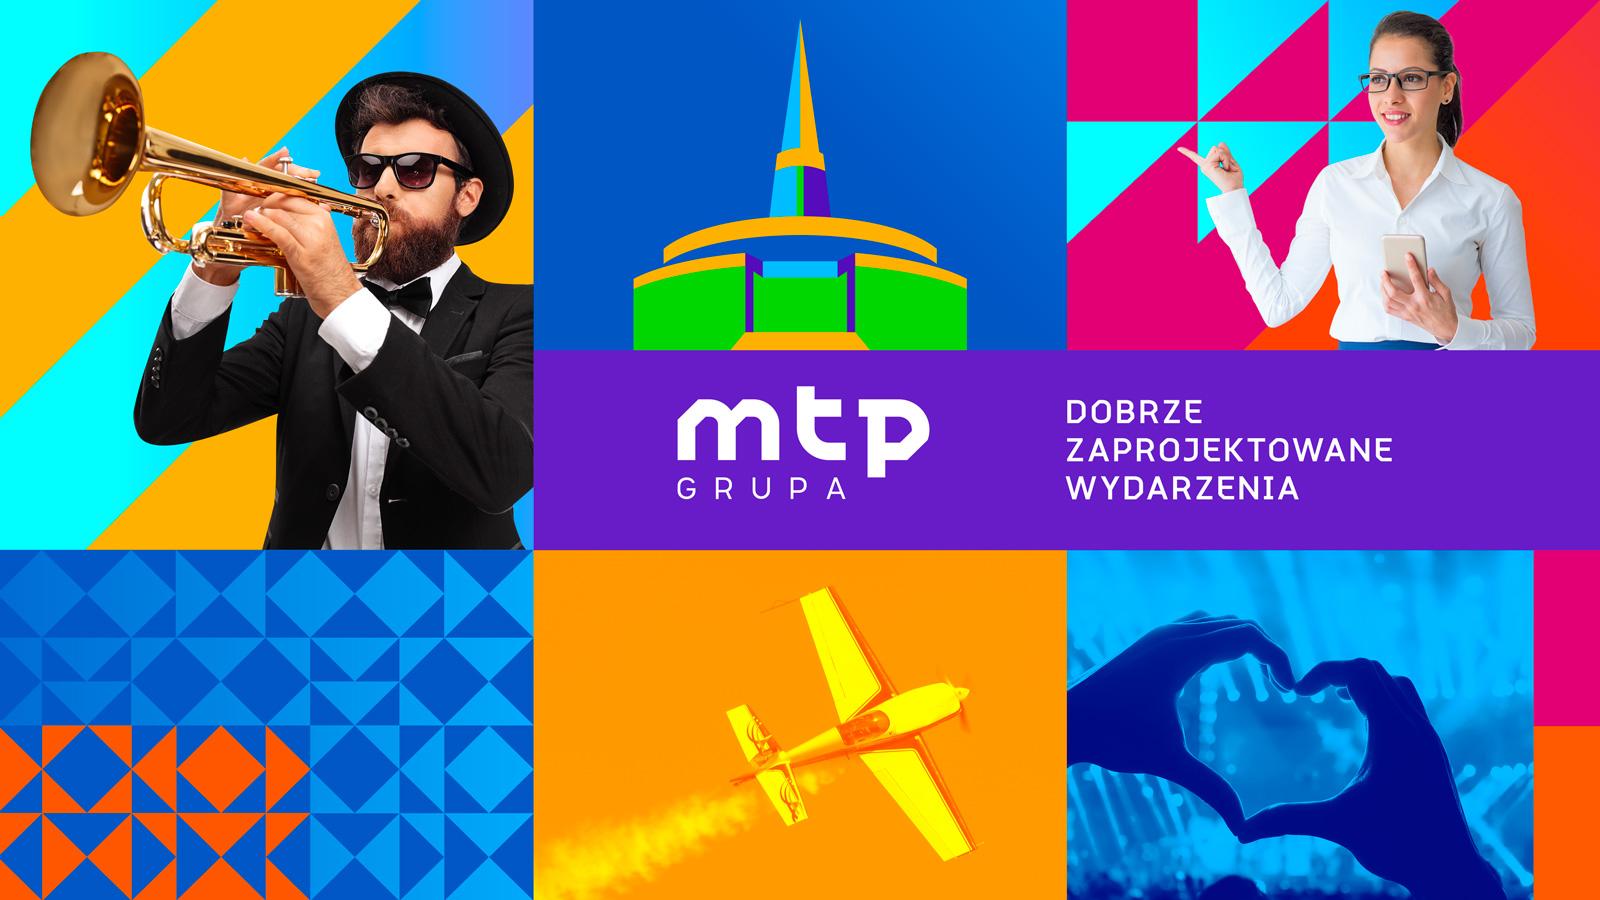 Międzynarodowe Targi Poznańskie z nagradzanym REBRANDINGIEM Rebranding mediarun mtp dragon rouge rebrand 2020